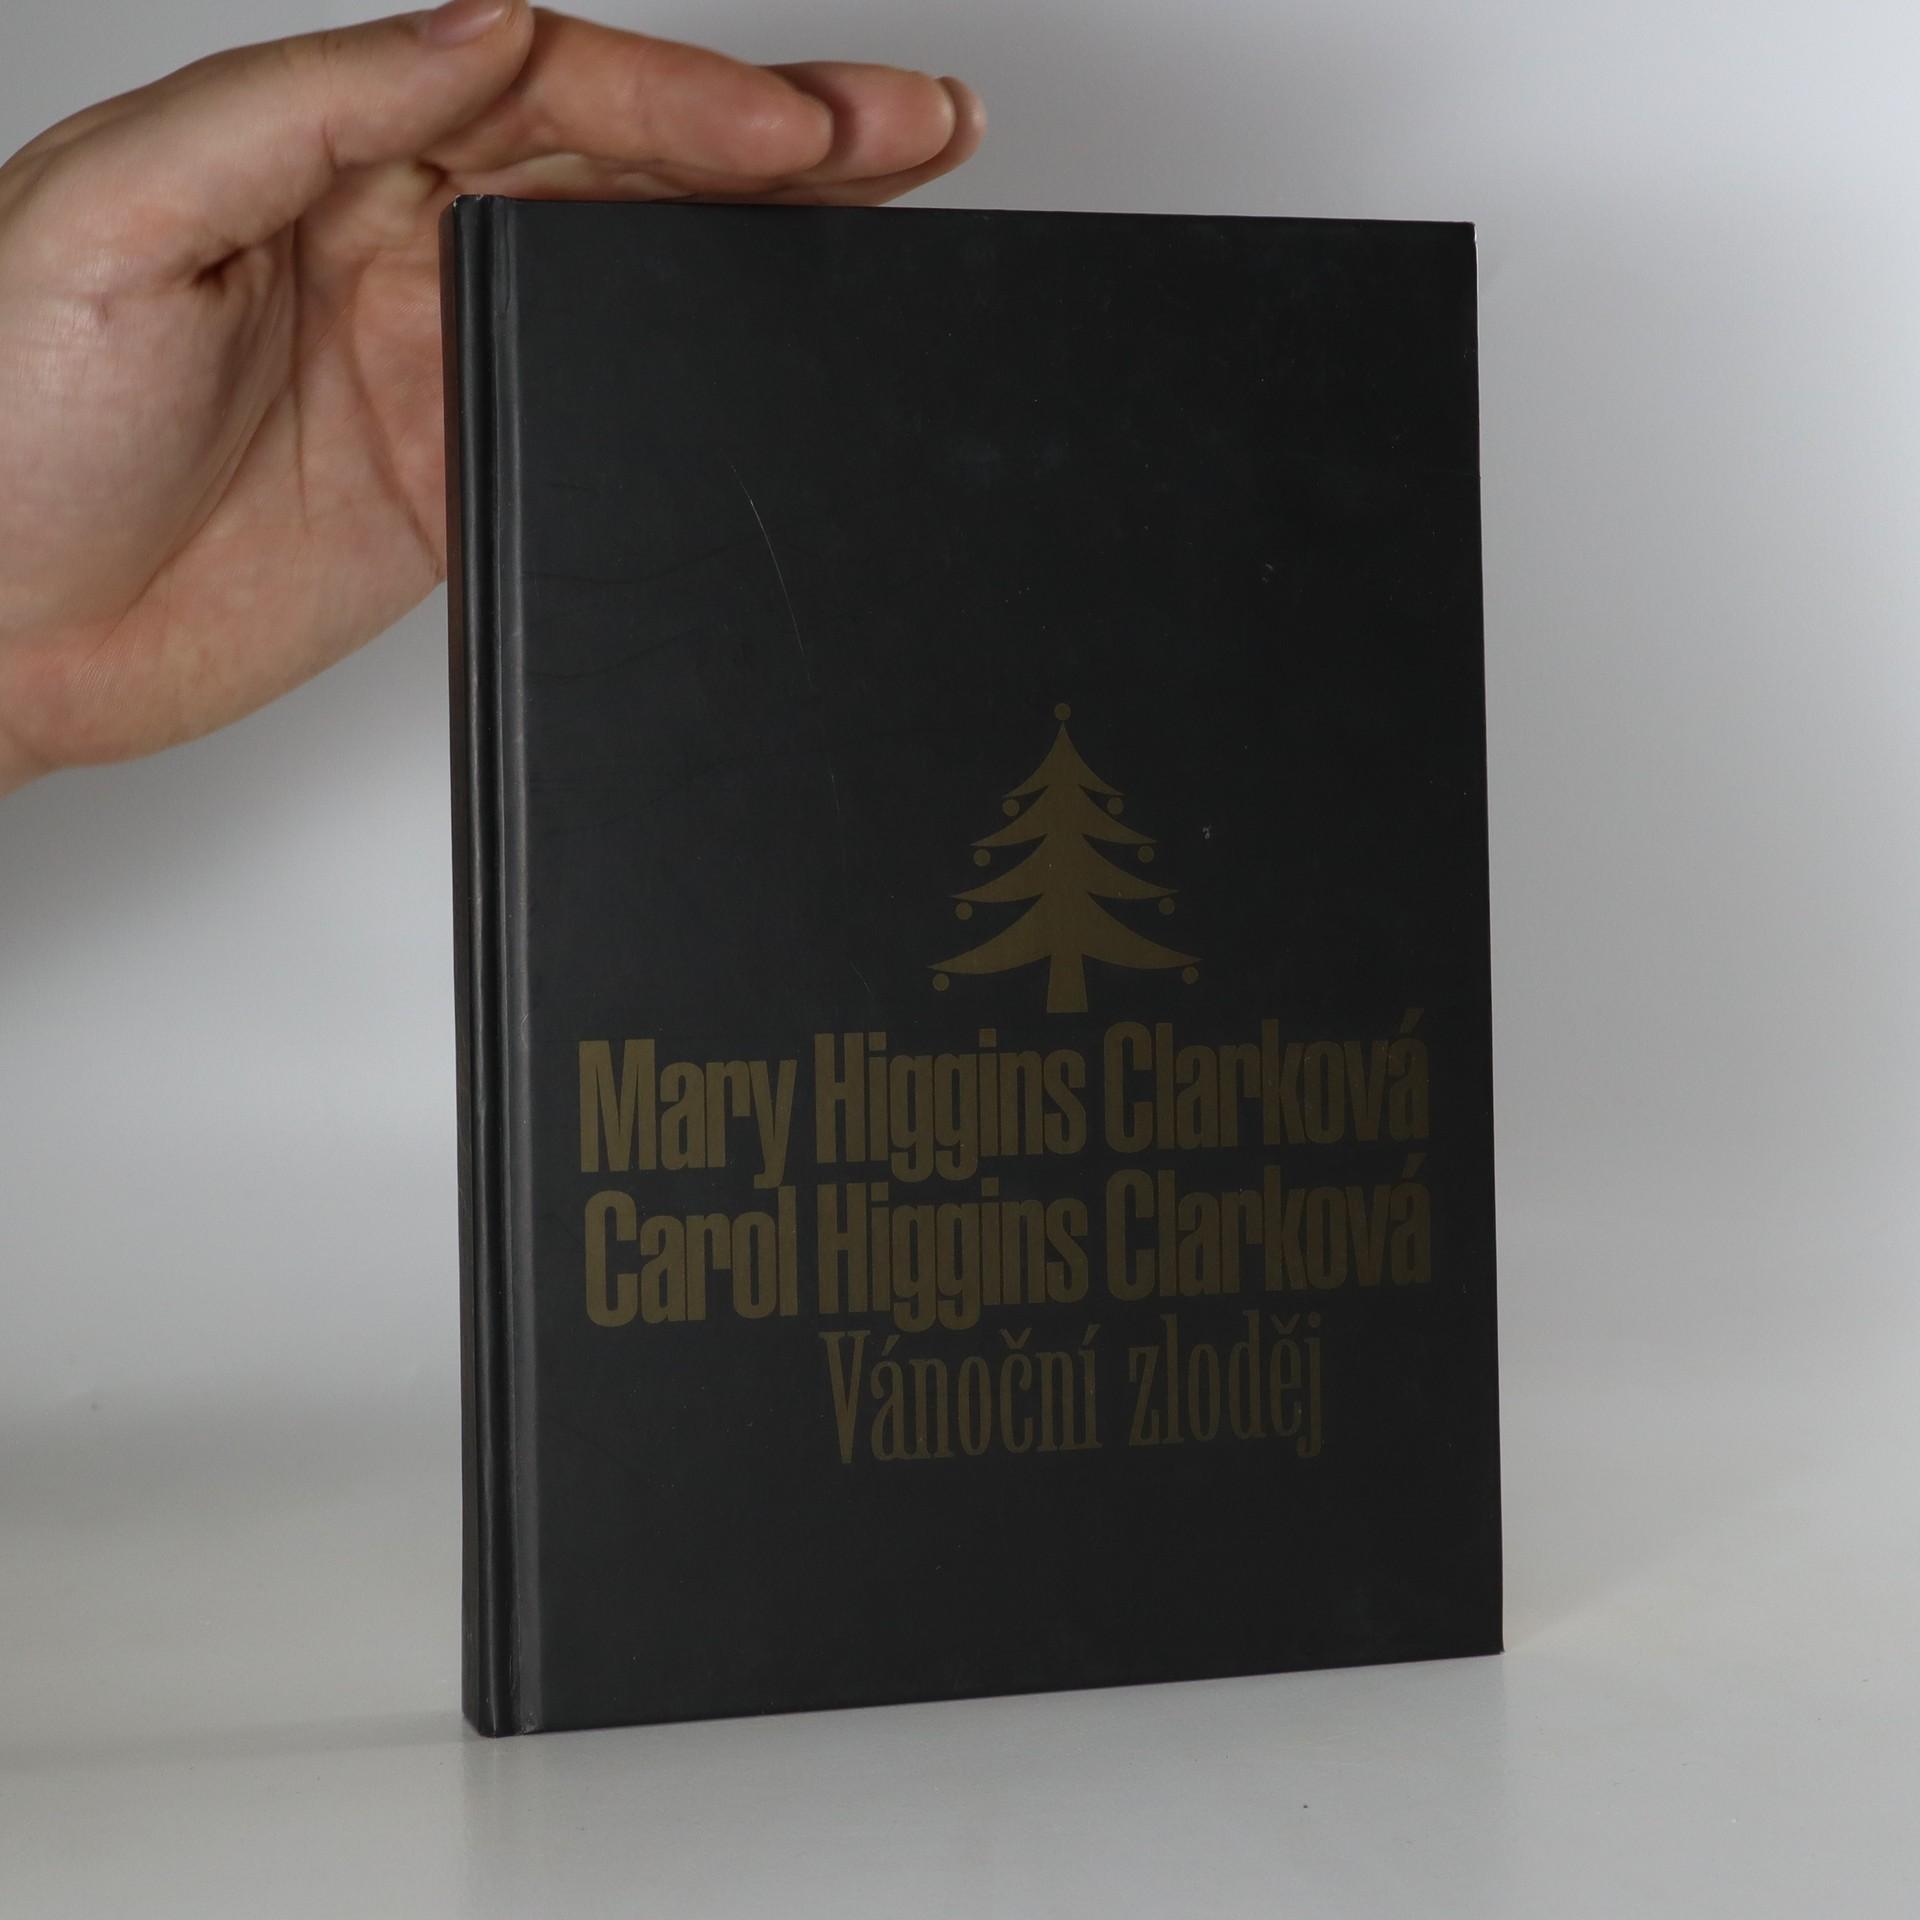 antikvární kniha Vánoční zloděj, 2009